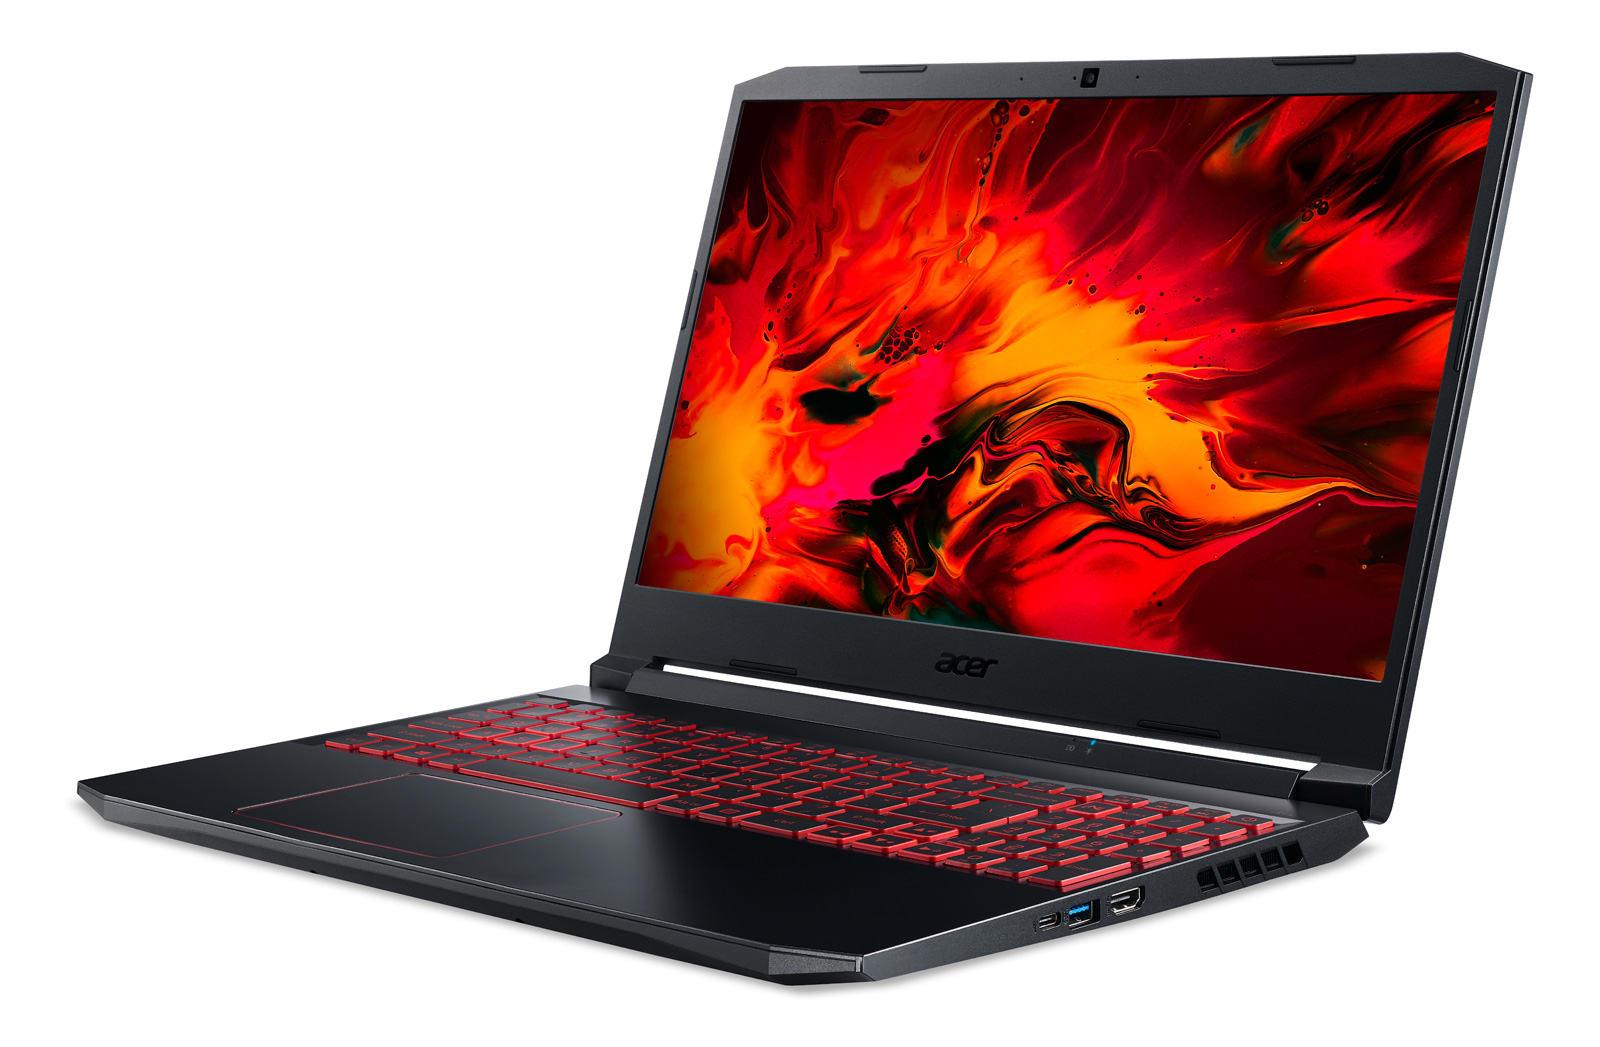 Acer Nitro 5 (2020) gaming laptop